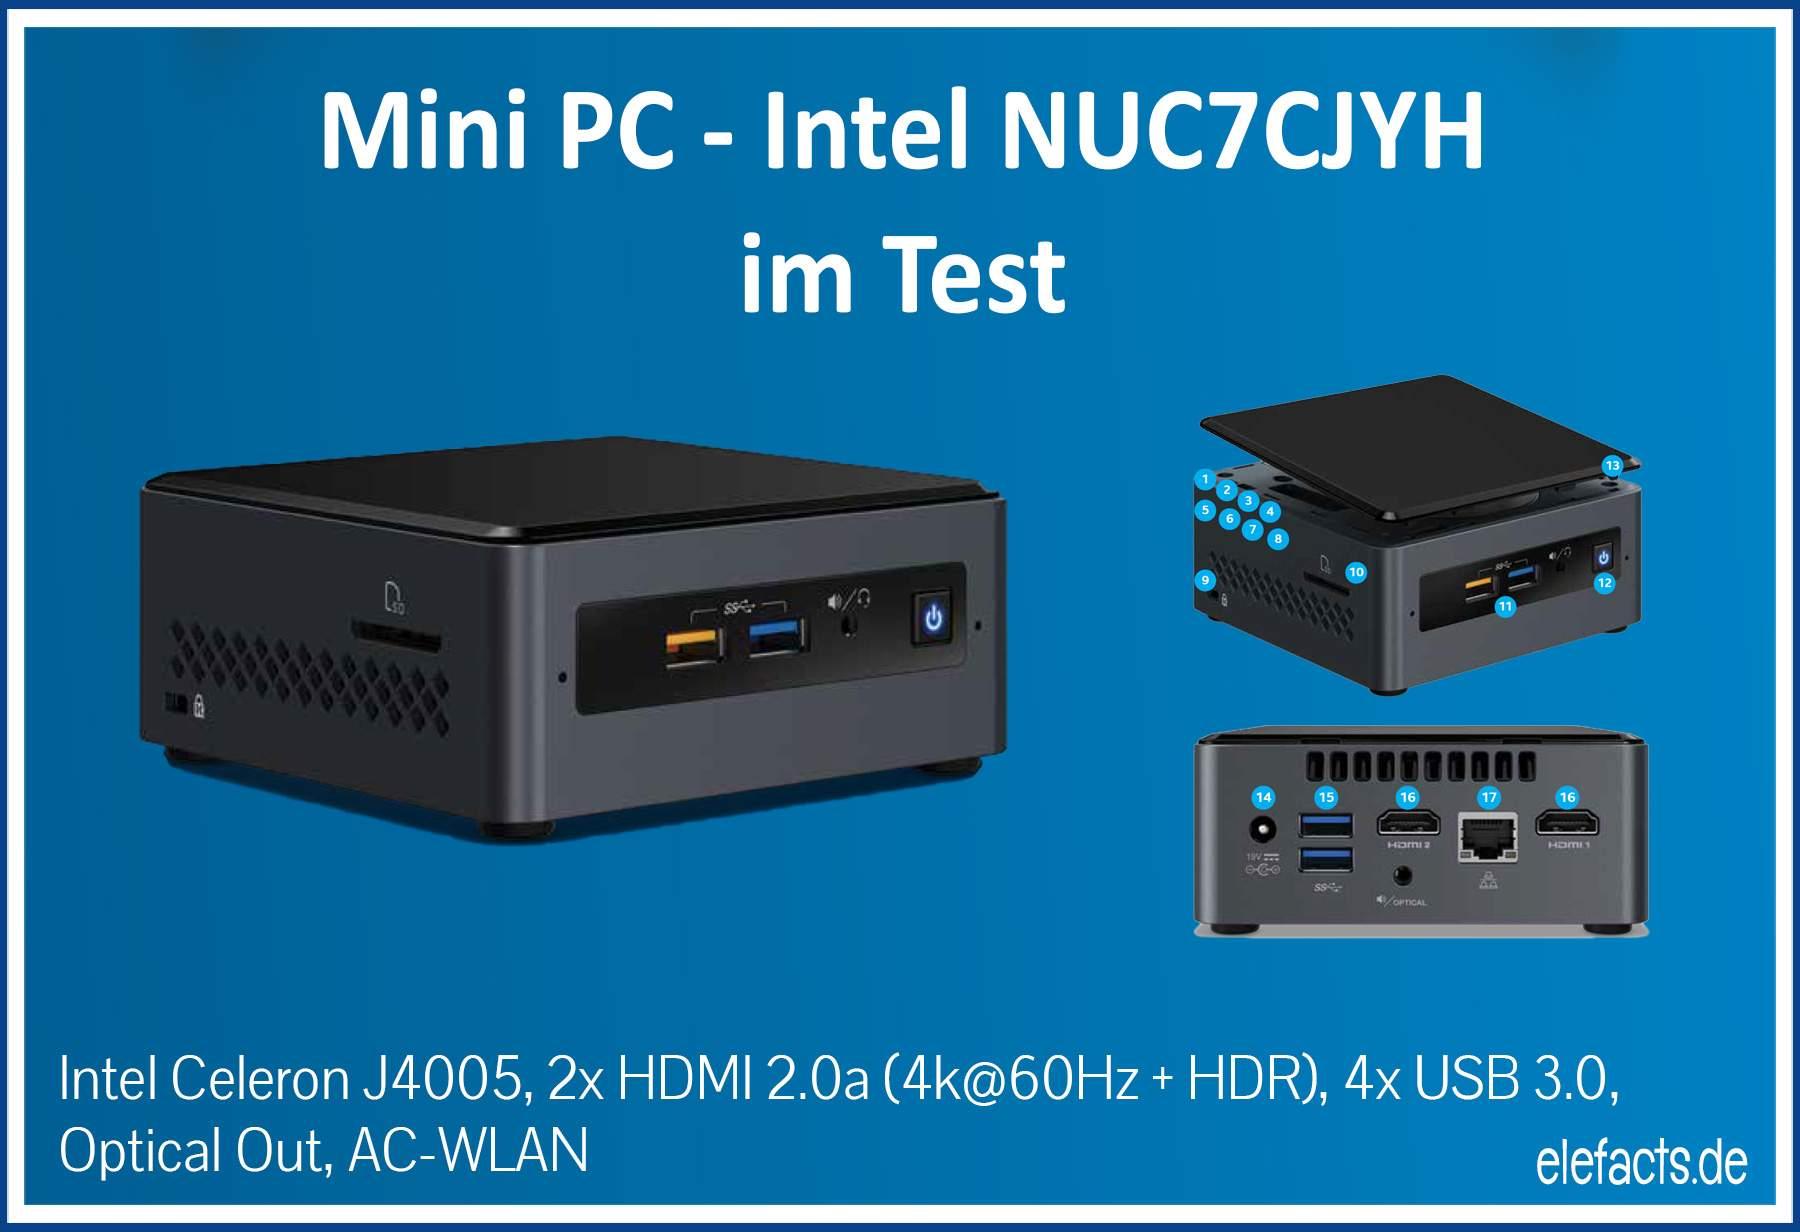 Intel Nuc7cjyh Im Test Mit Libreelec Und Unter Windows 10